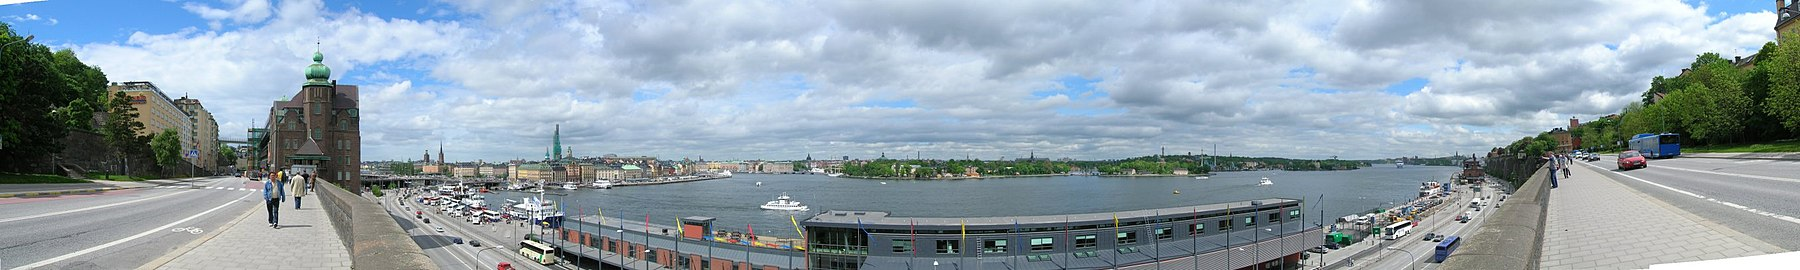 Panoramabild över Slussenområdet, Gamla stan, Stockholms ström, Skeppsholmen och Stadsgården